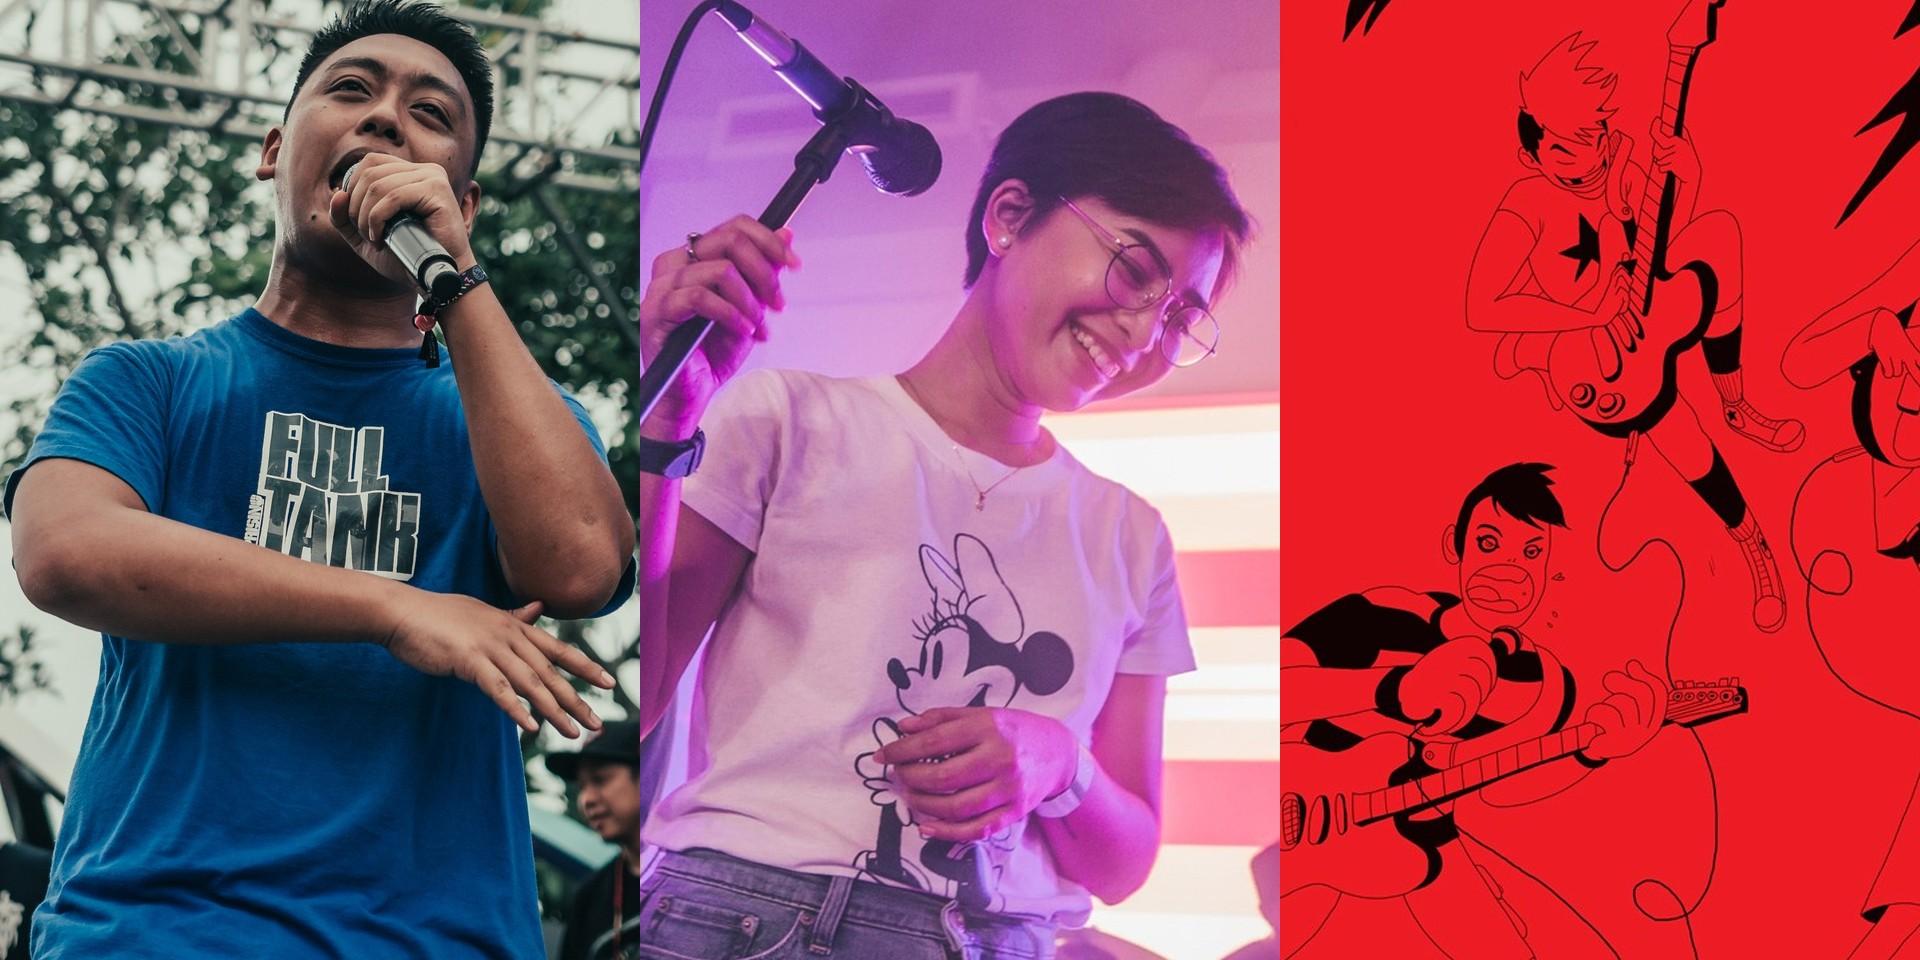 BLKD x Calix, Ang Bandang Shirley, The Ravelos, and more to perform at benefit gig KOLAborasyon